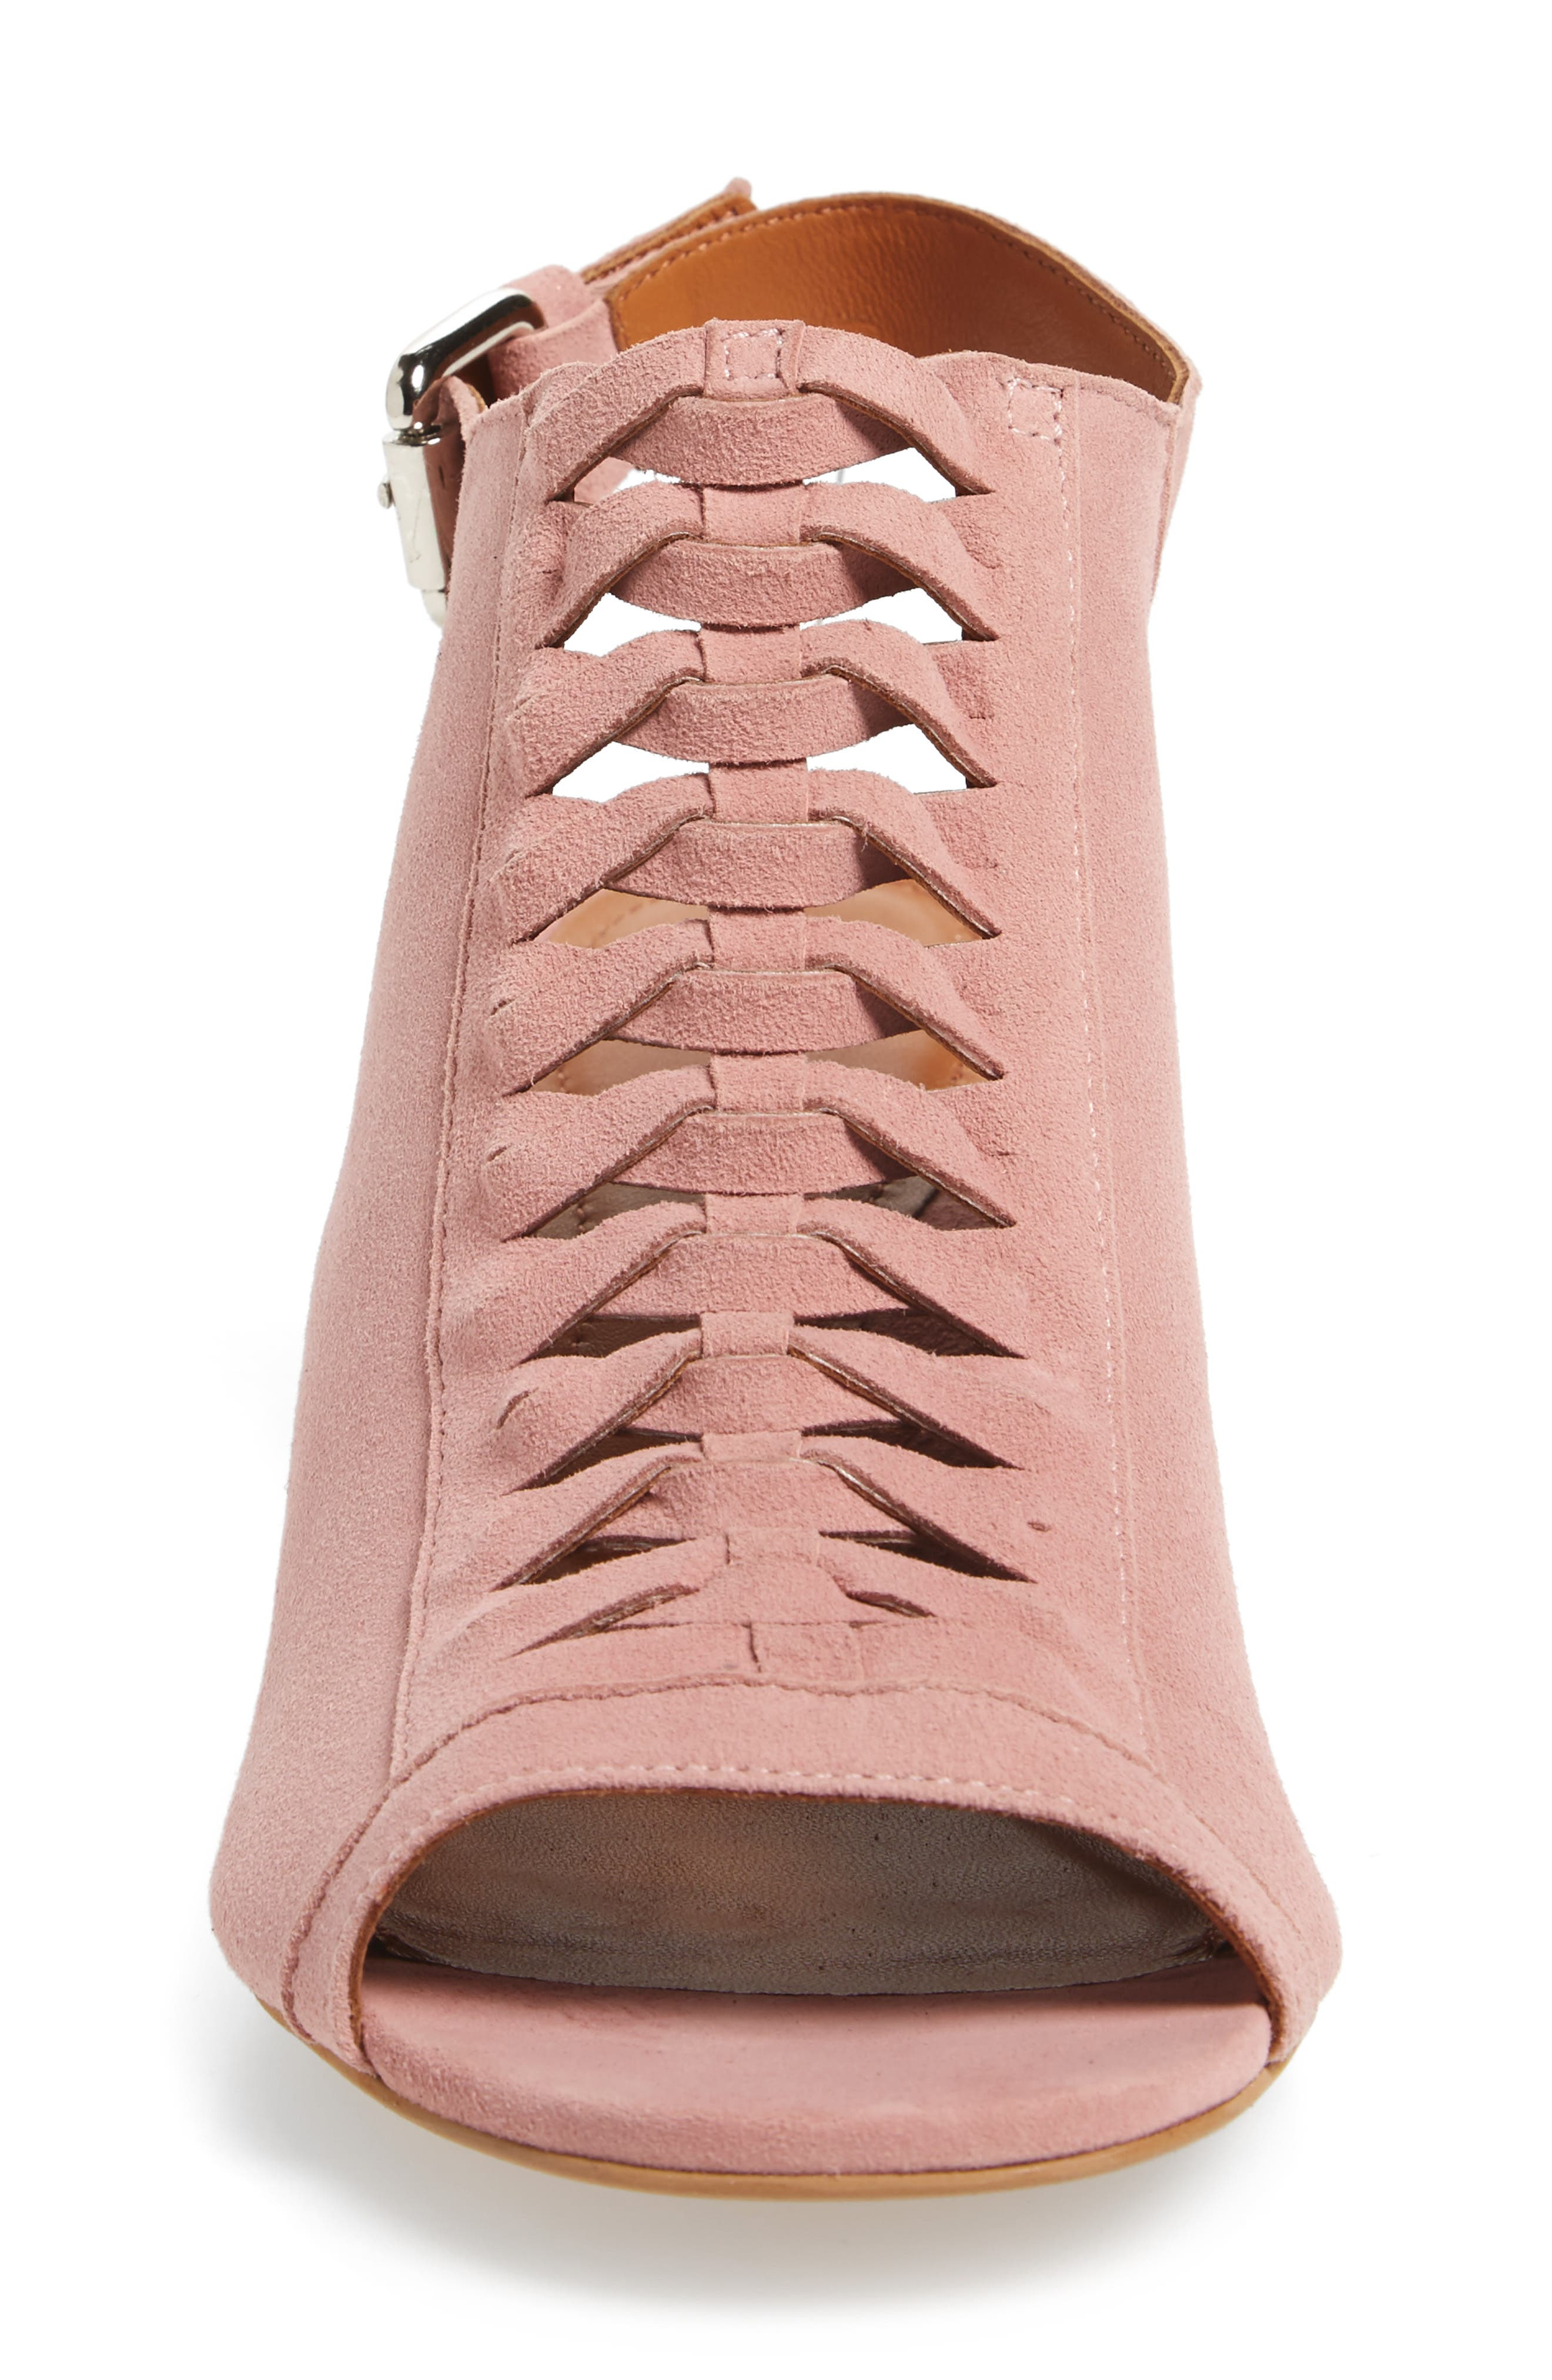 Dallas Woven Sandal,                             Alternate thumbnail 4, color,                             Blush Suede